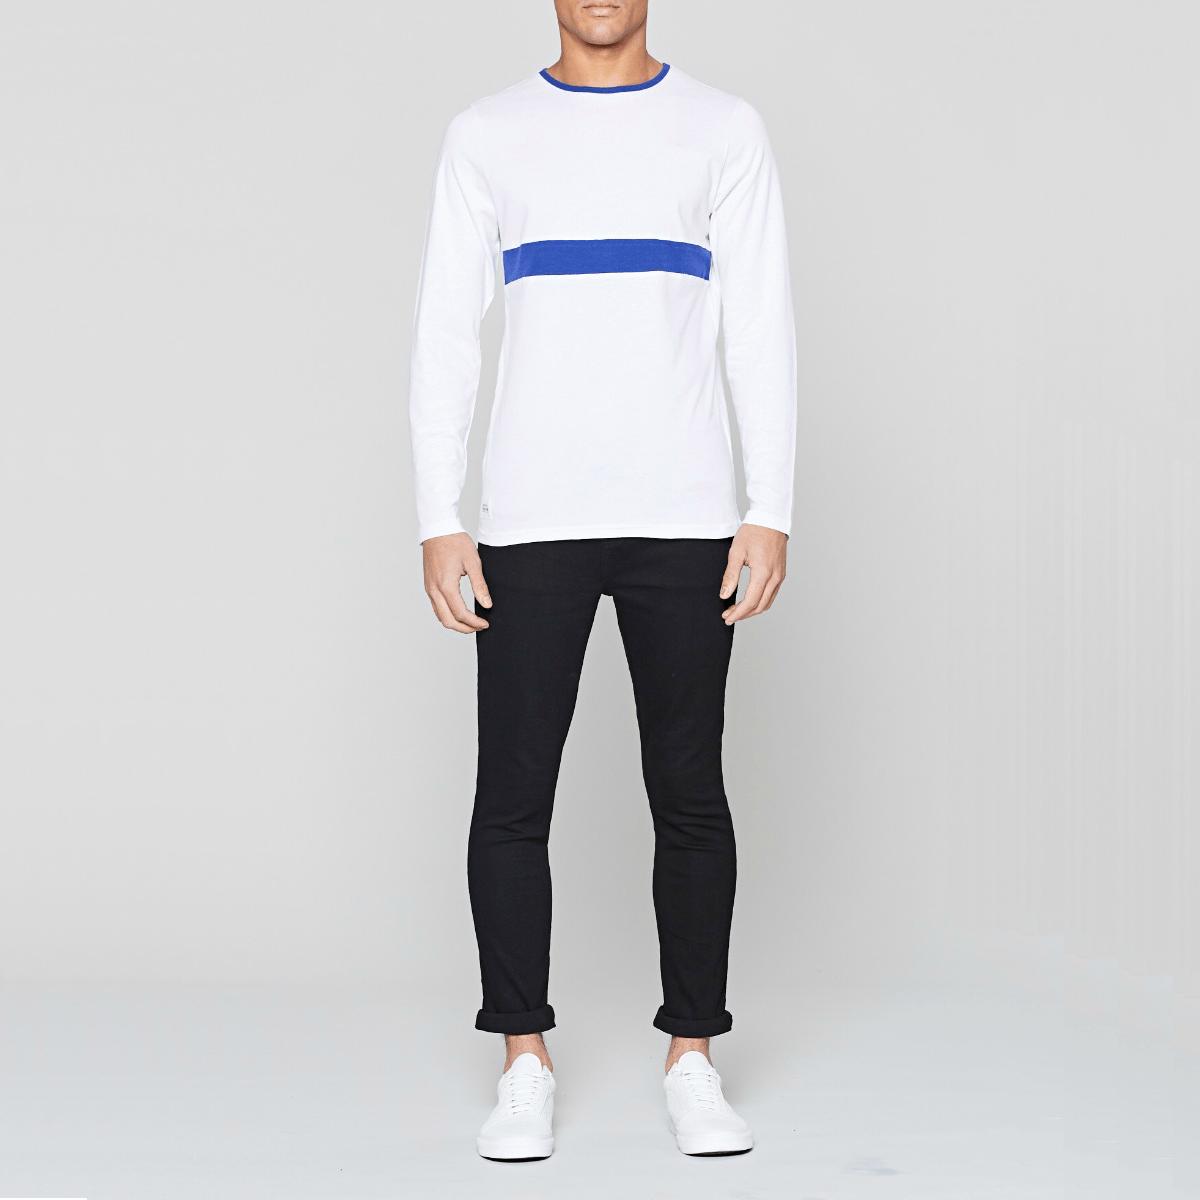 Bílé triko s dlouhým rukávem - Shanklin - S